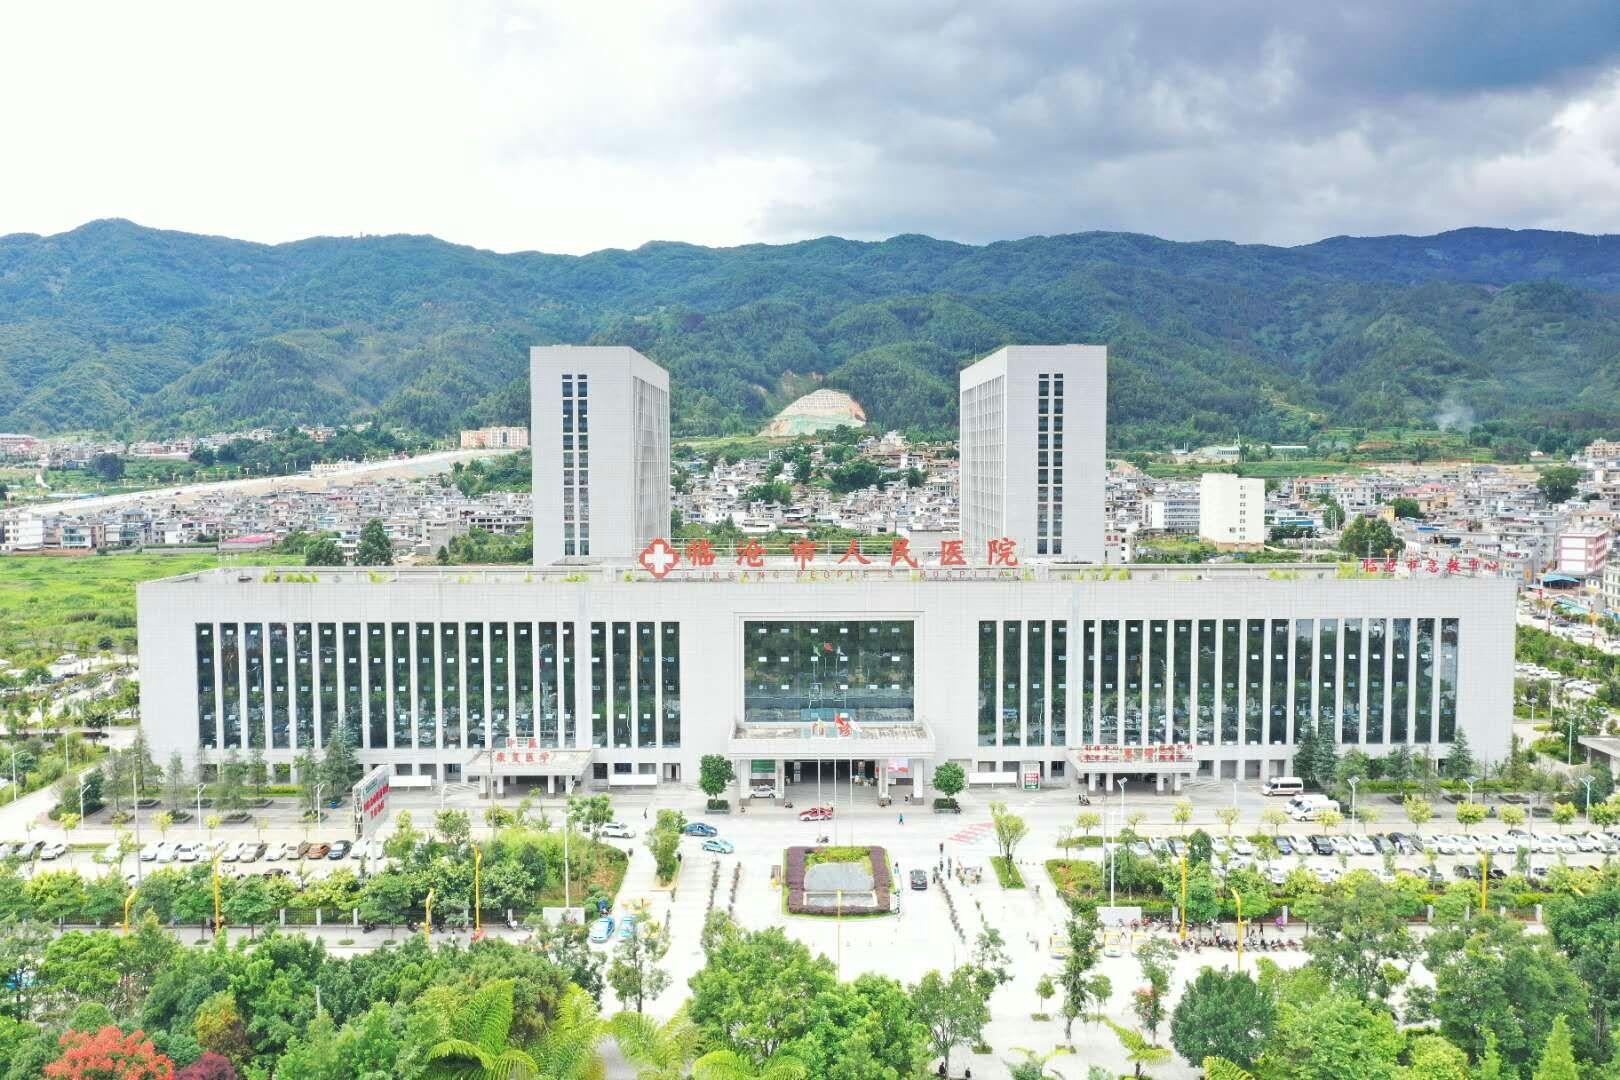 临沧市人民医院预约挂号、退号、爽约相关管理规定